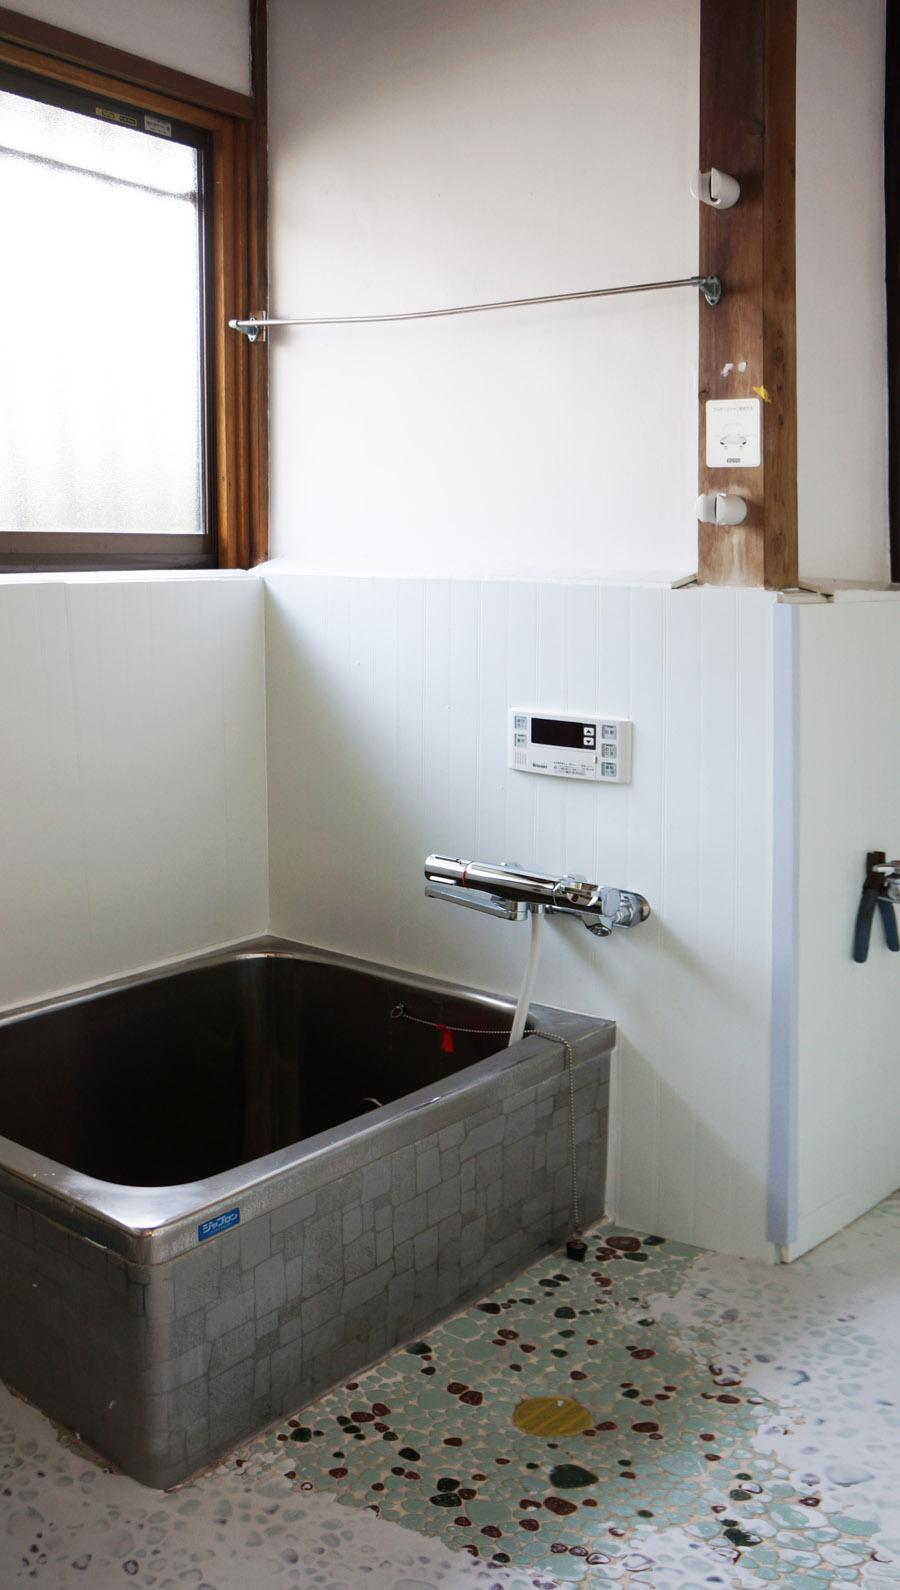 お風呂はステンレスの浴槽で、追いだき機能付き